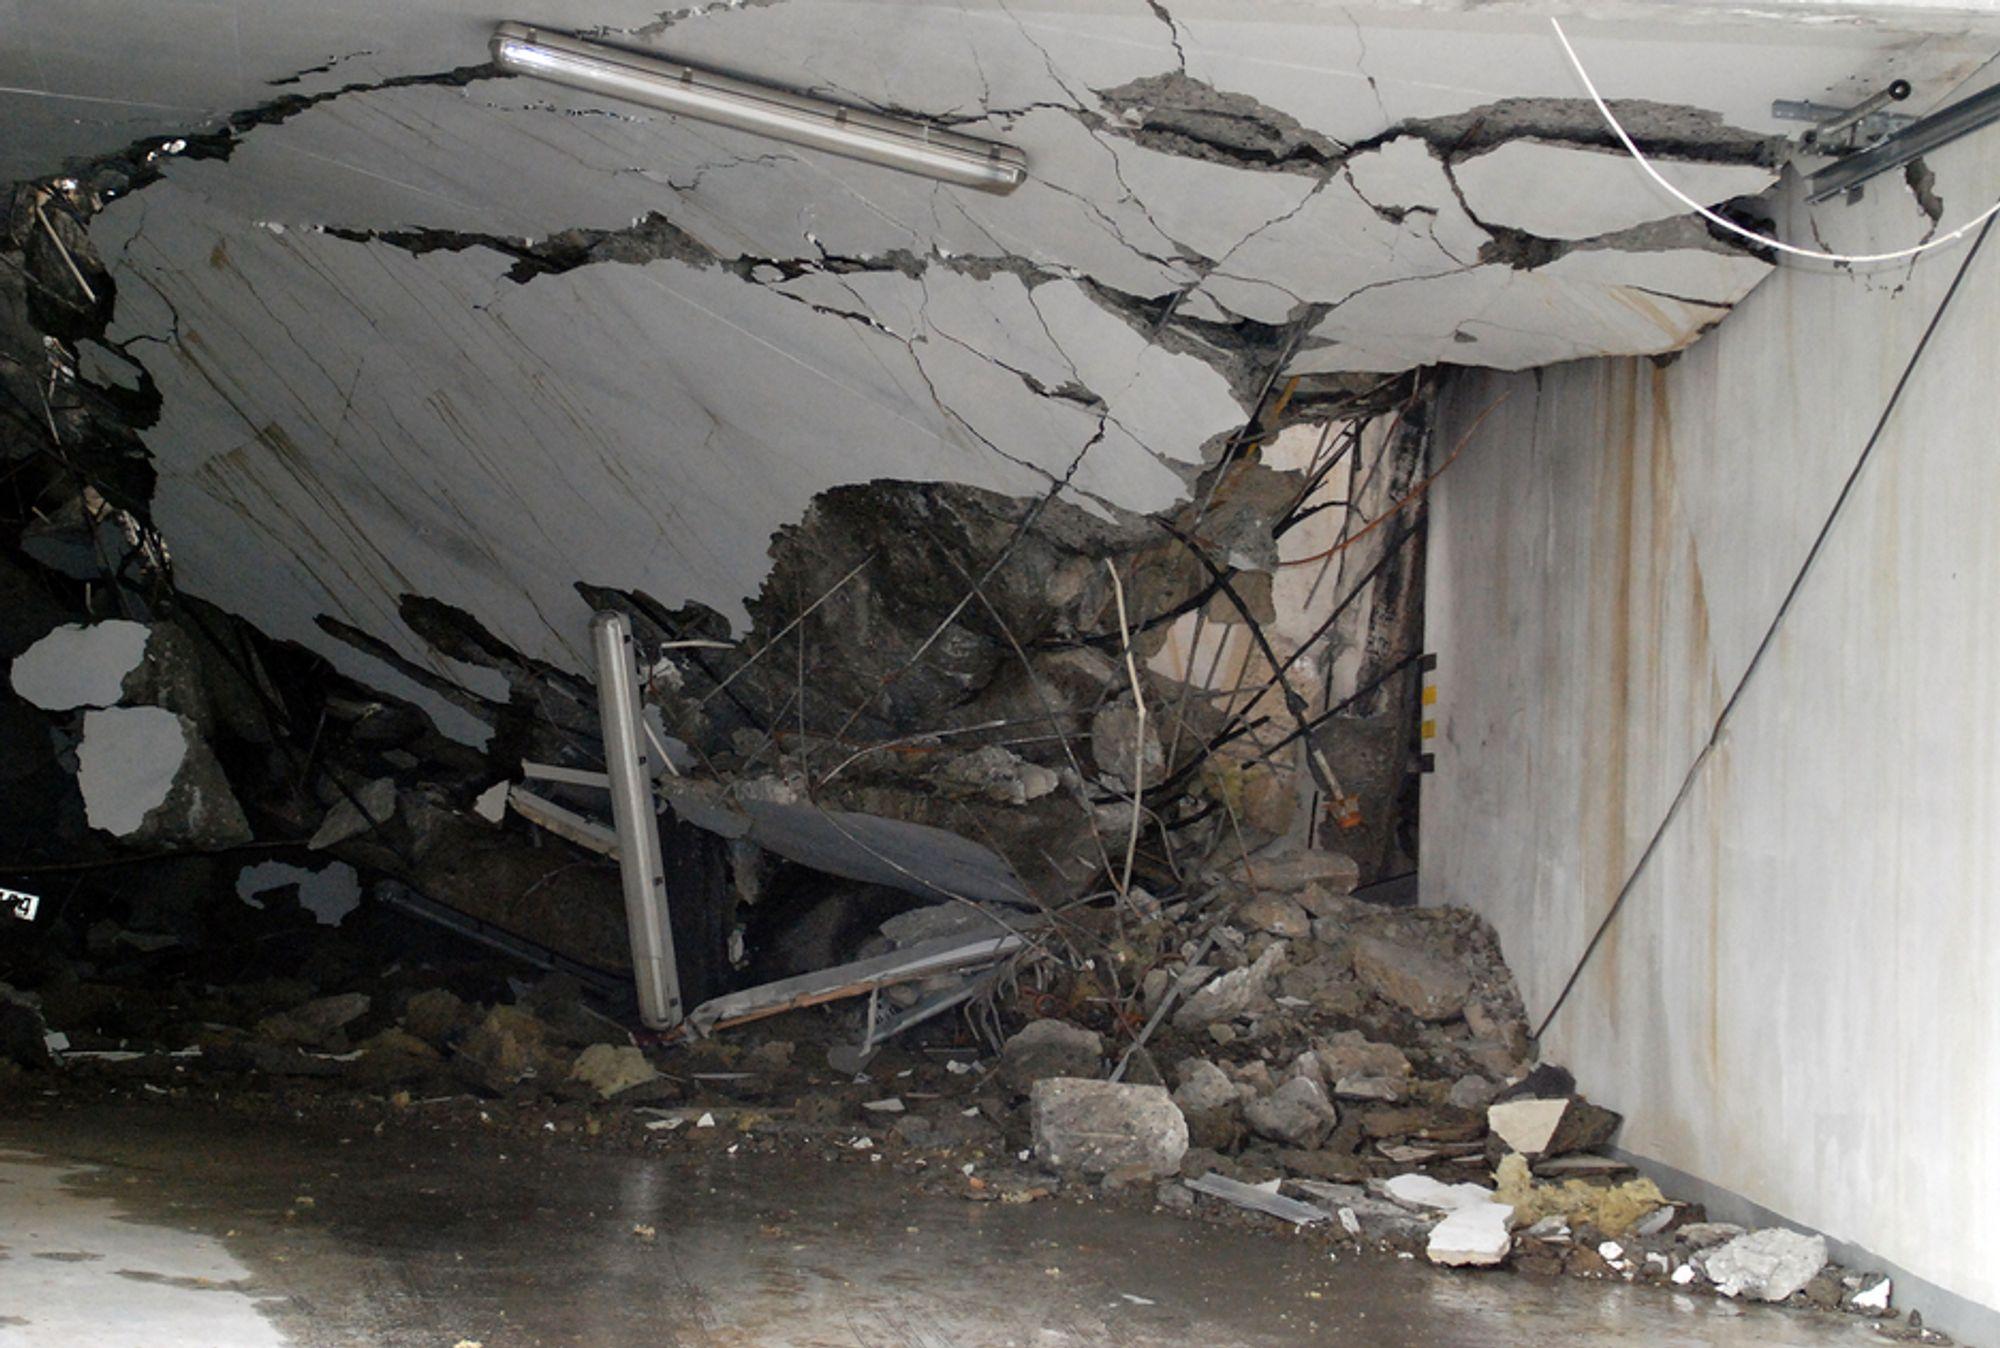 KAN GI TILGANG: Garasjen gikk under hele bygget i Fjelltunvegen 31 i Ålesund. Nå er den helt kollapset. Redningsmannskapenetok seg inn til 1. etasje gjennom åpningen i veggen til høyre i bildet.